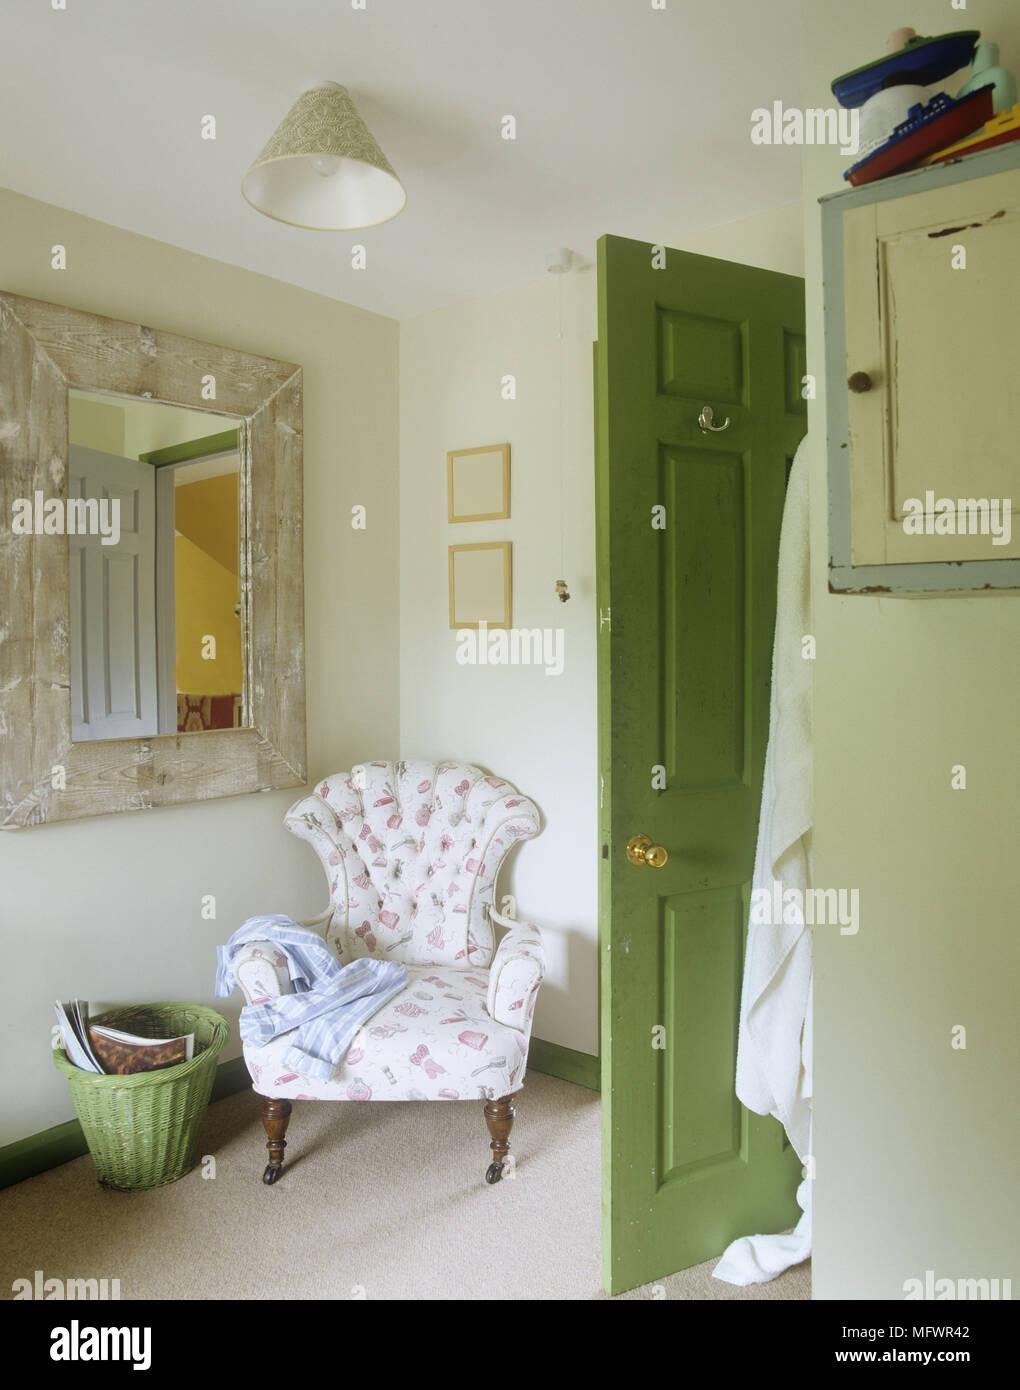 fauteuil en coin chambre par porte ouverte banque d'images, photo